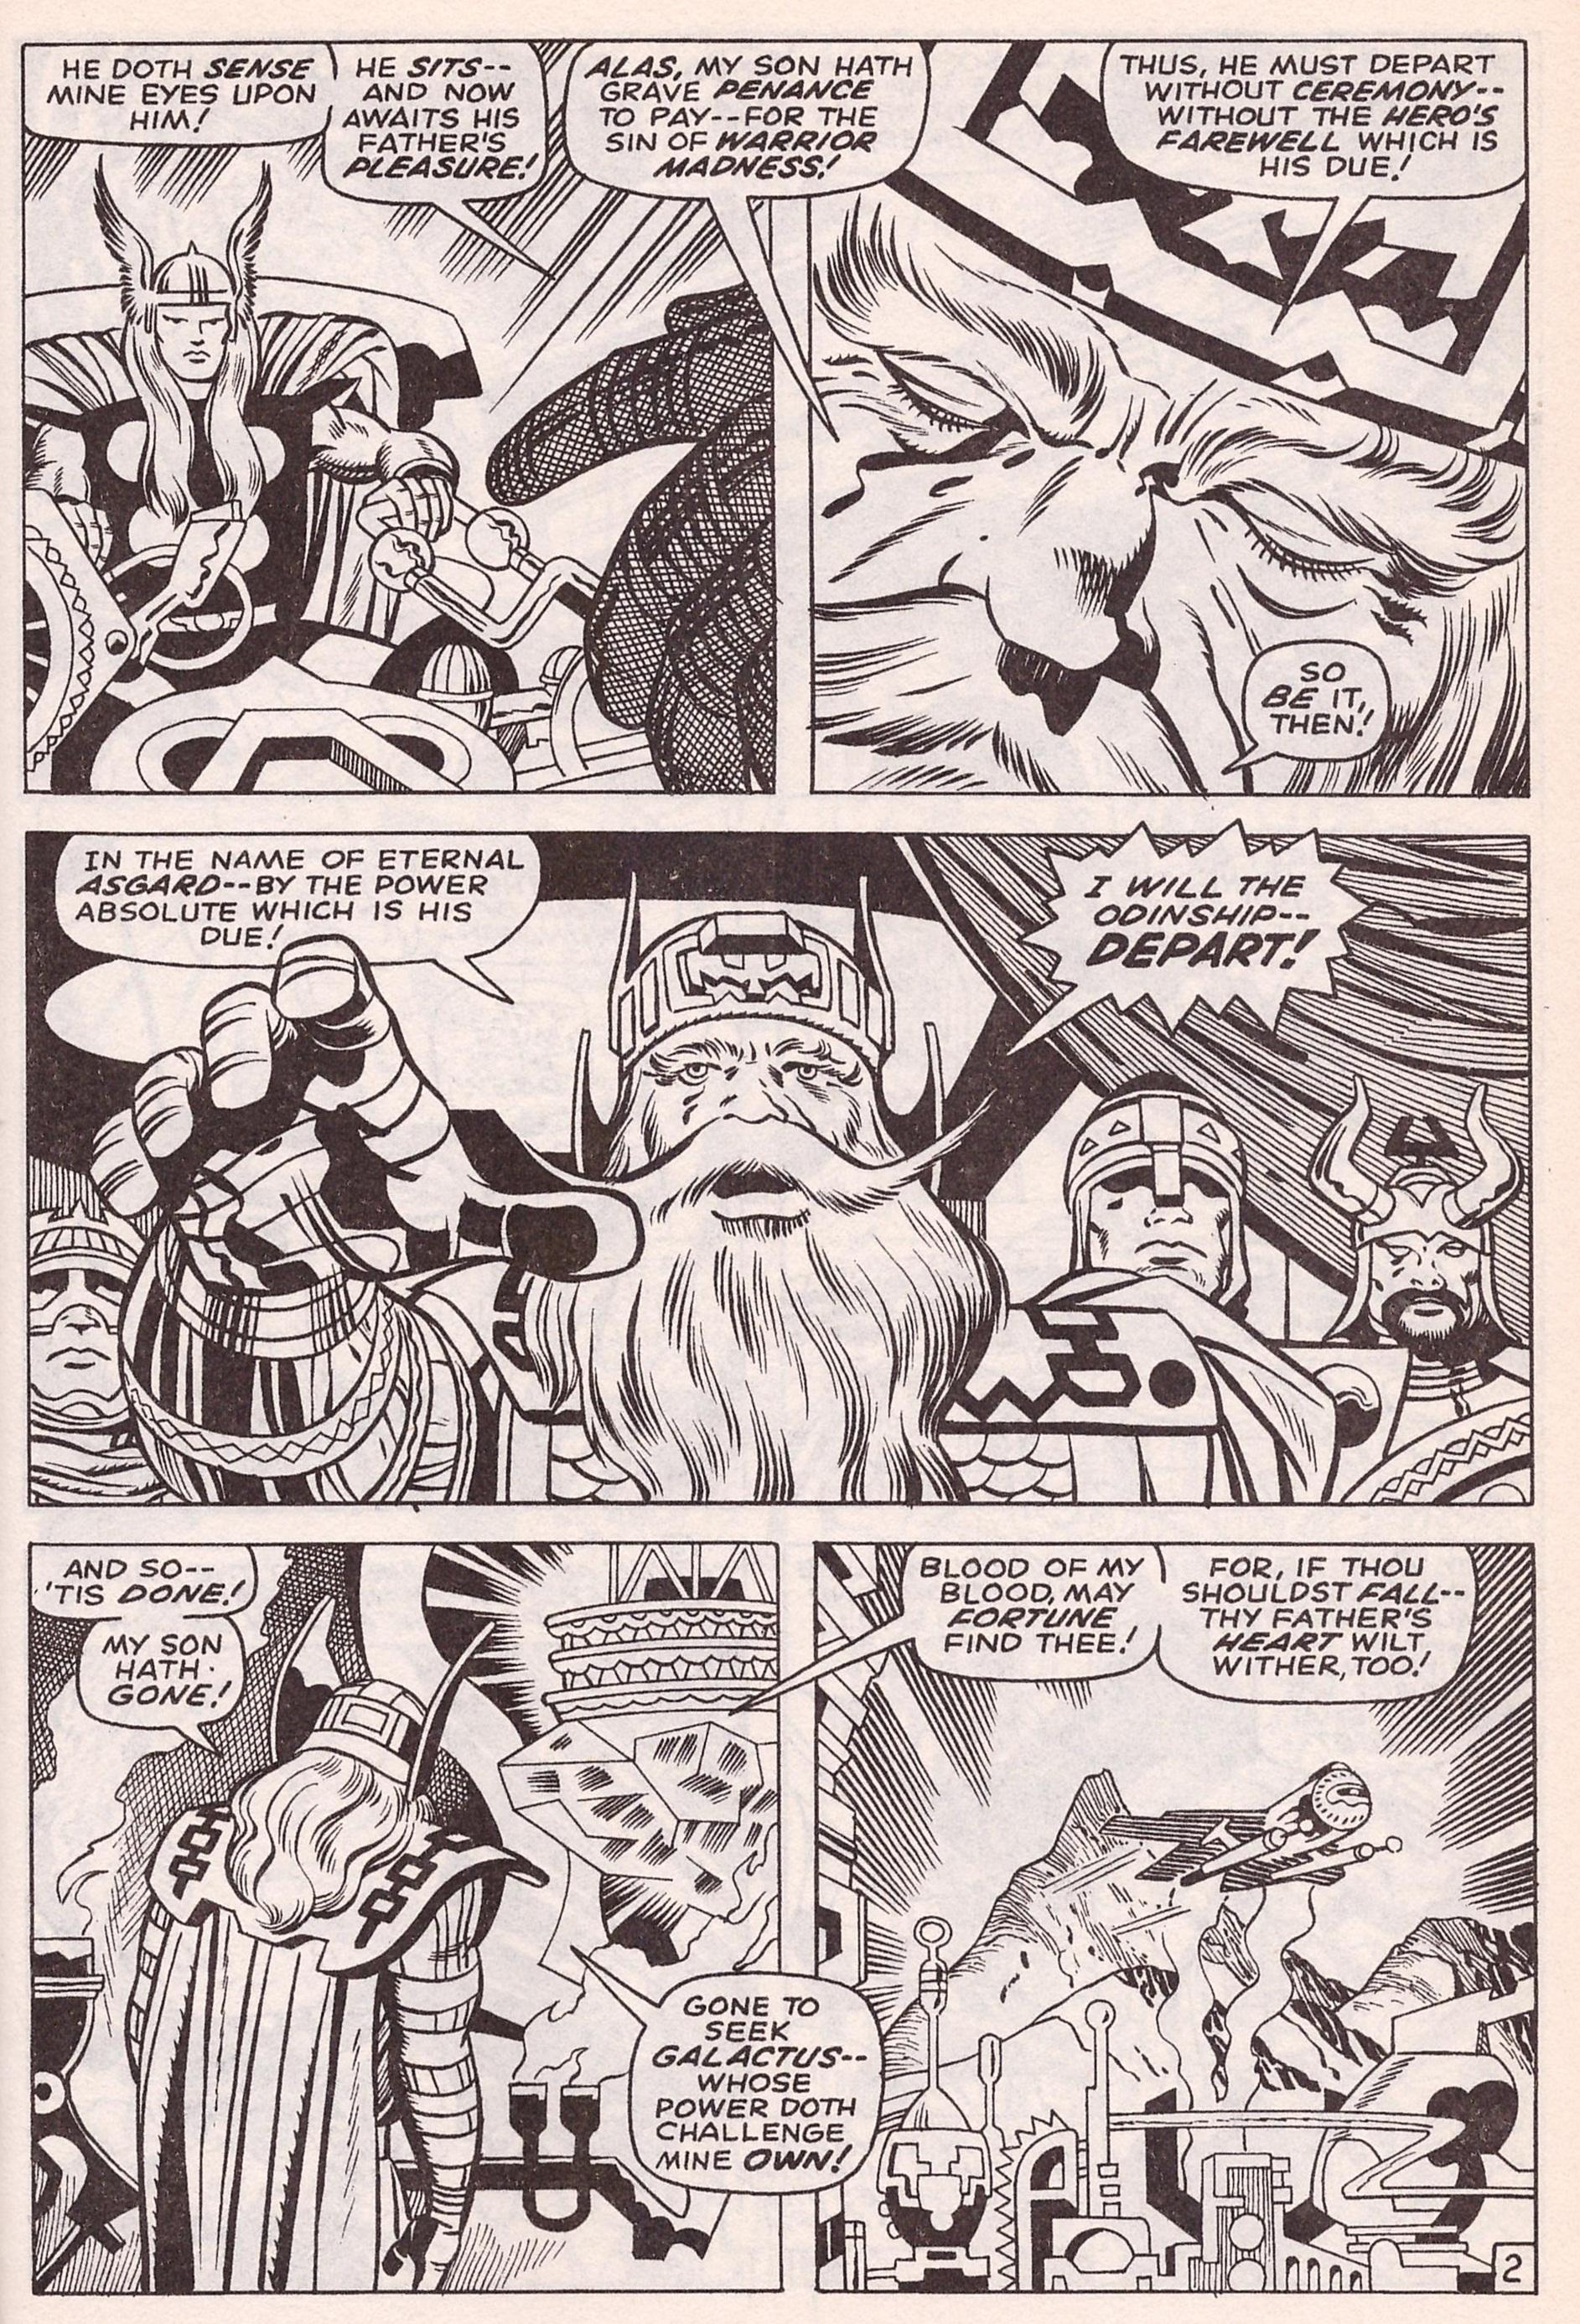 Essential Thor Vol 4 review